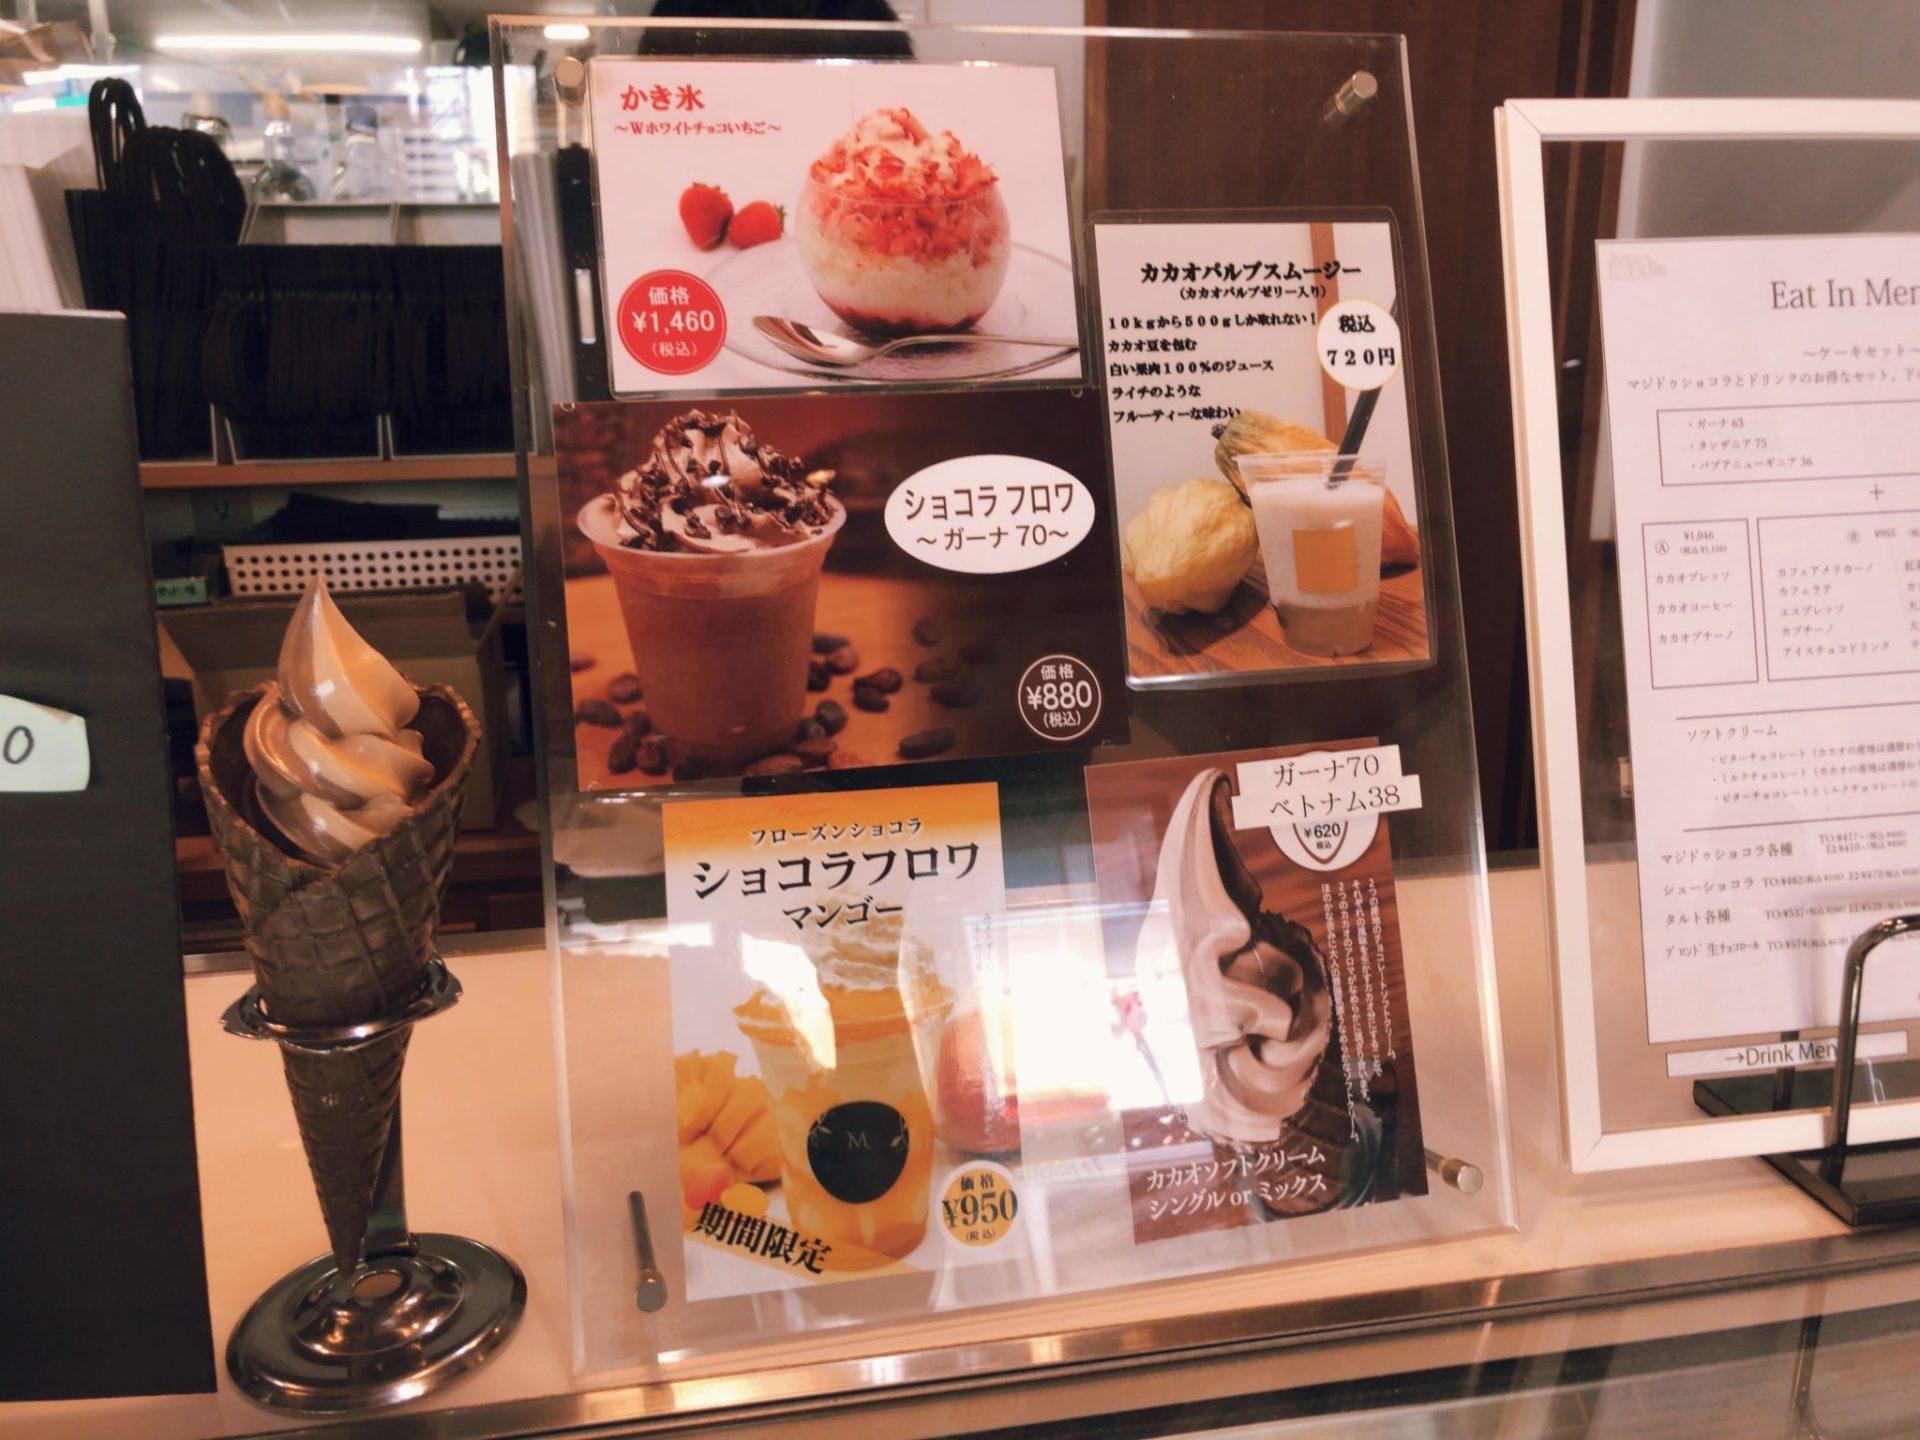 マジドゥショコラ自由が丘本店の外観のソフトクリーム